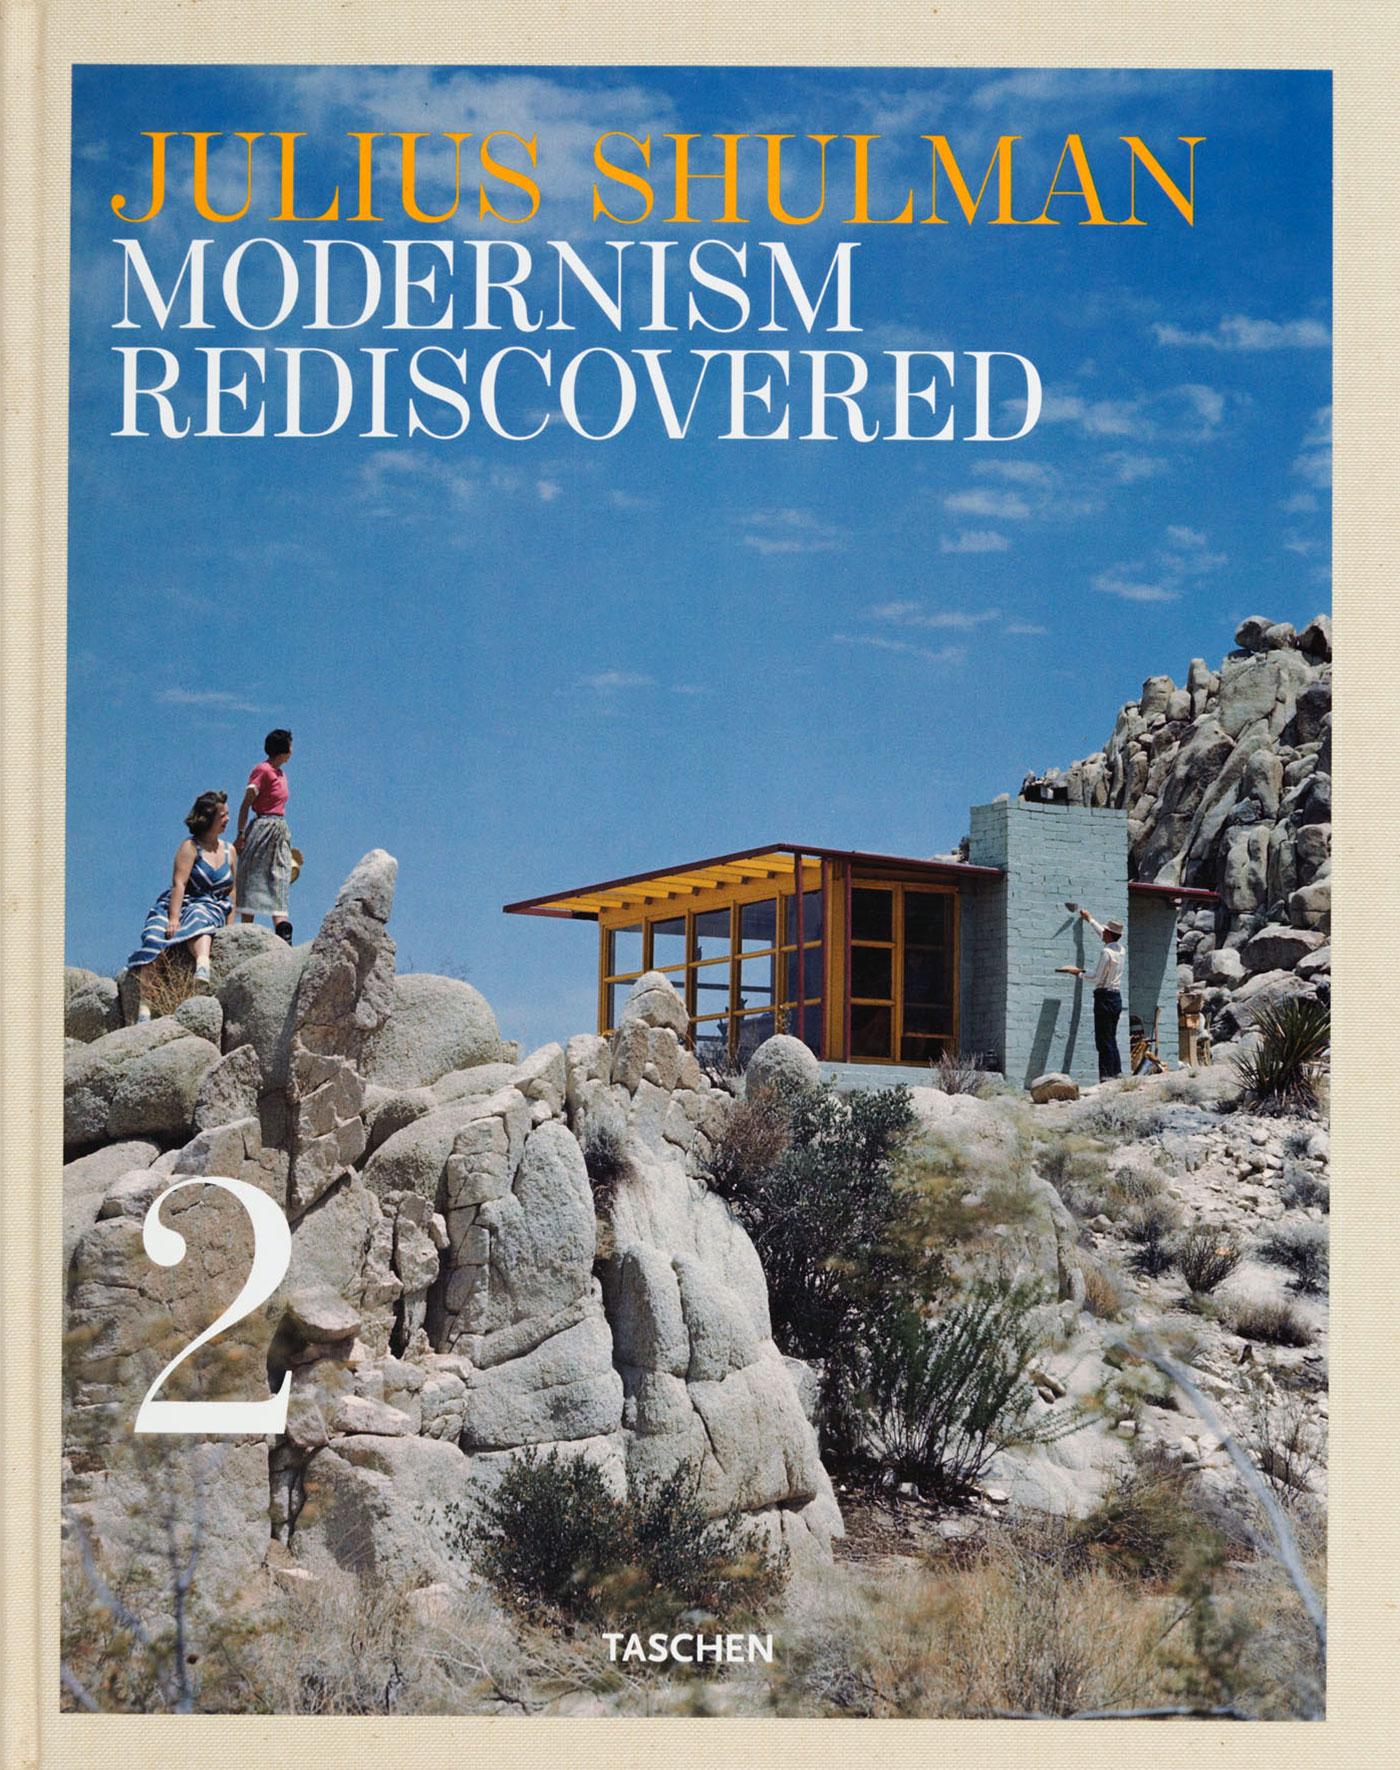 Julius Shulman: Modernism Rediscovered, Taschen 2007